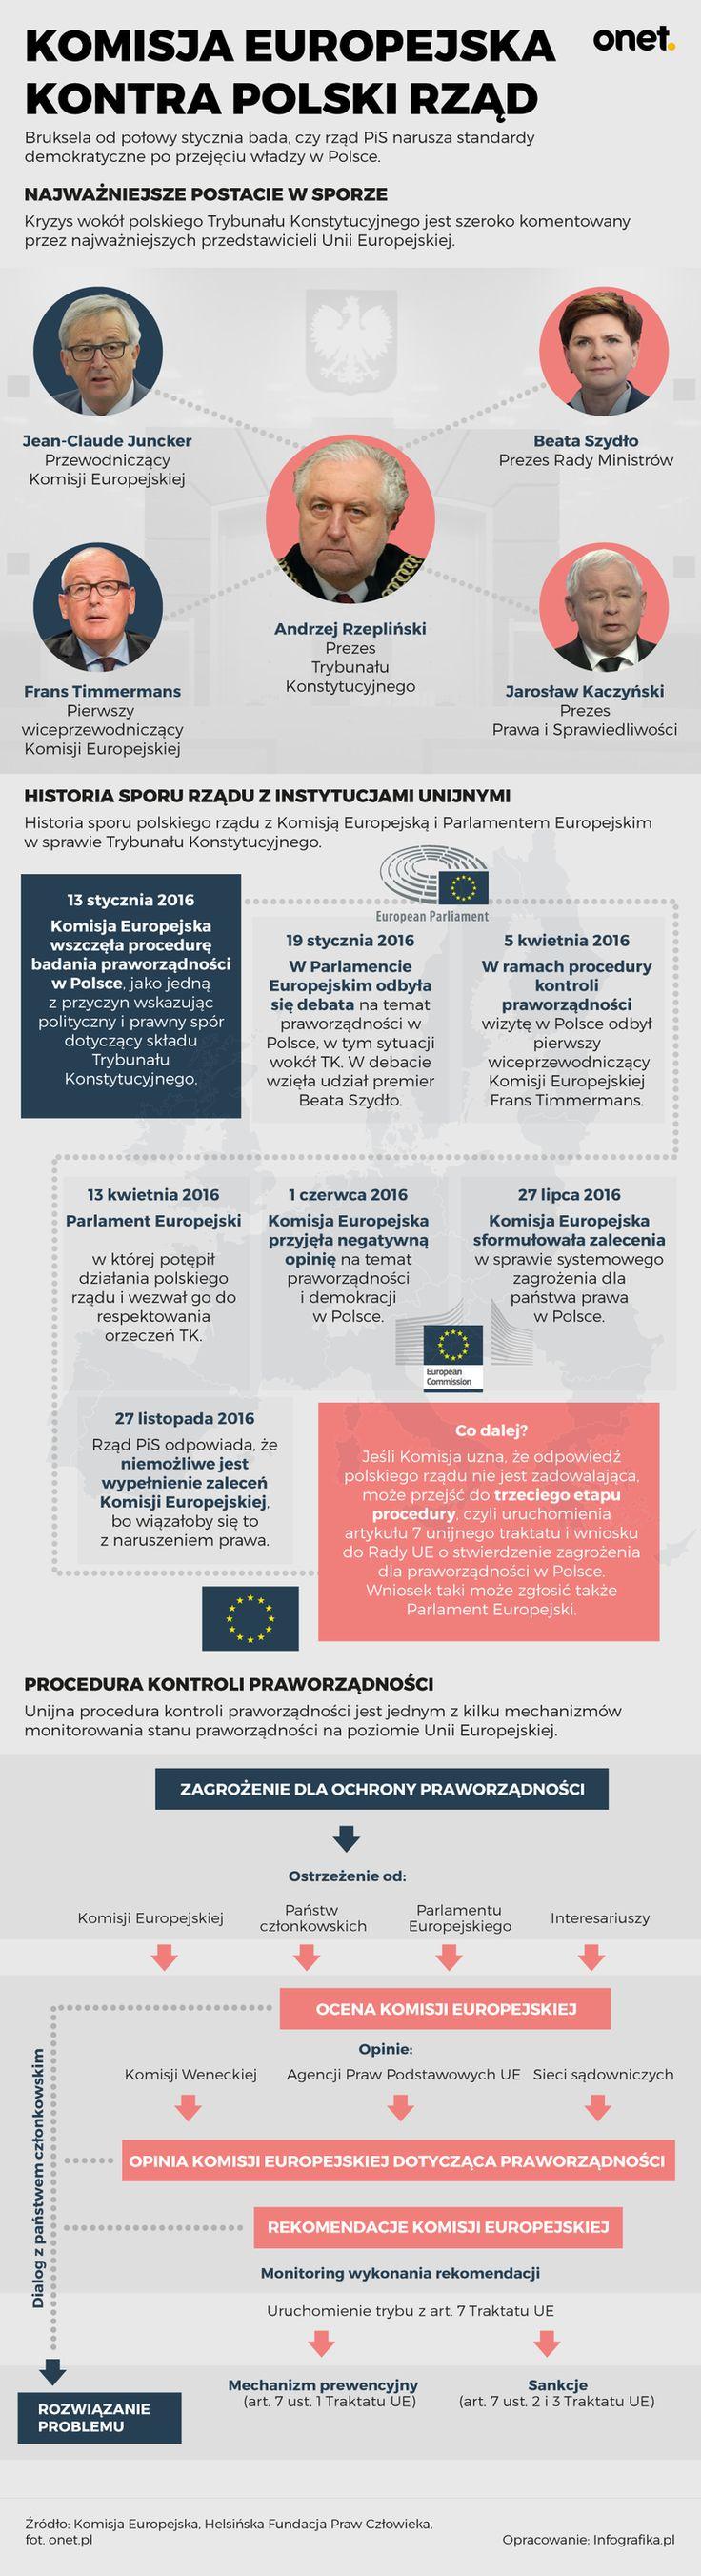 Komisja Europejska kontra polski rząd [INFOGRAFIKA] - Wiadomości